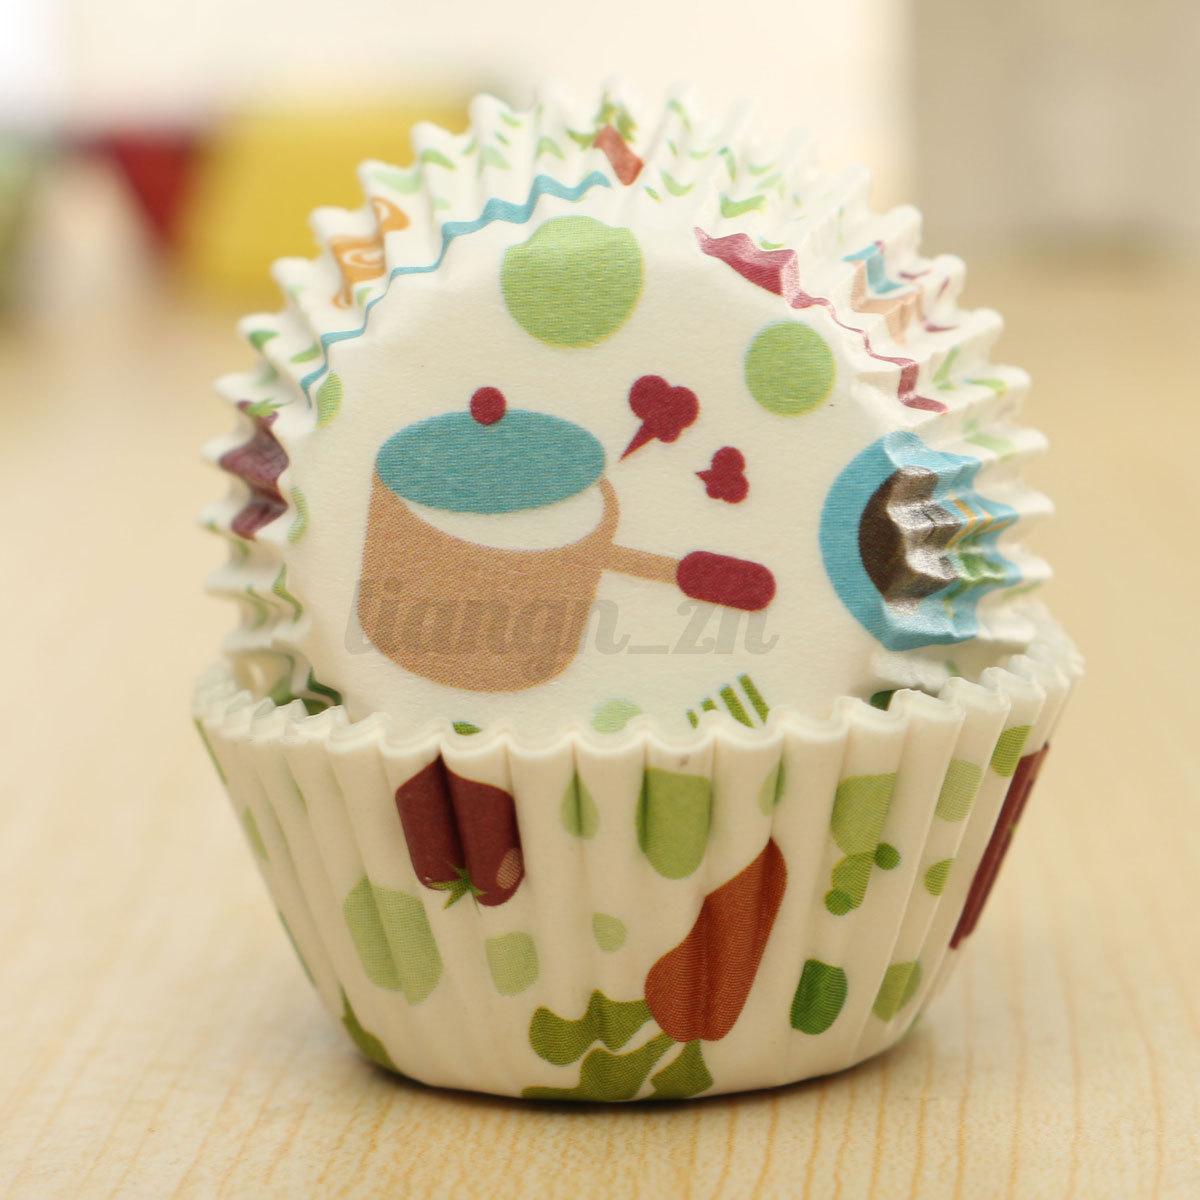 20 50x caissette de muffin papier cupcake g teau moule no l mariage baking cup ebay. Black Bedroom Furniture Sets. Home Design Ideas